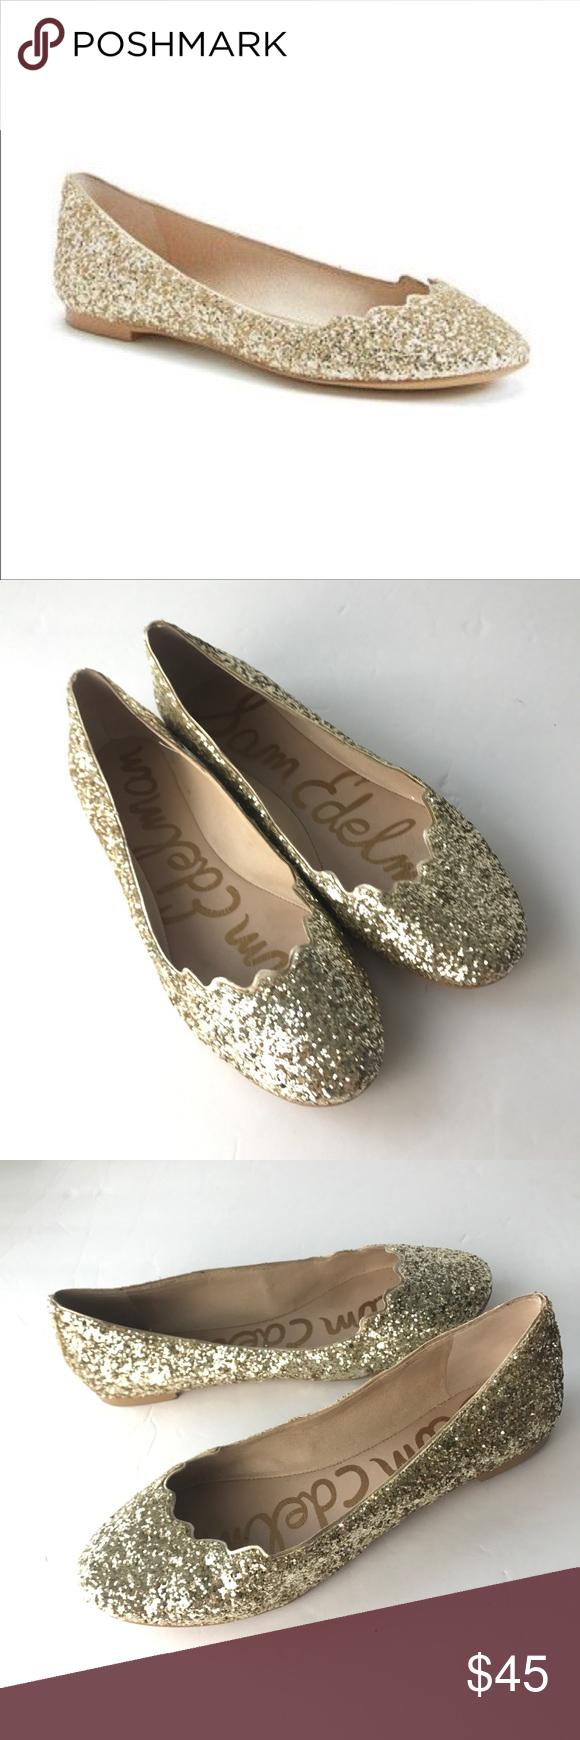 60b5d7f0f Sam Edelman Glitter Ballet Flats Gold shoes Alaine Sam Edelman Alaine Gold  Glitter Ballerina Flats Women